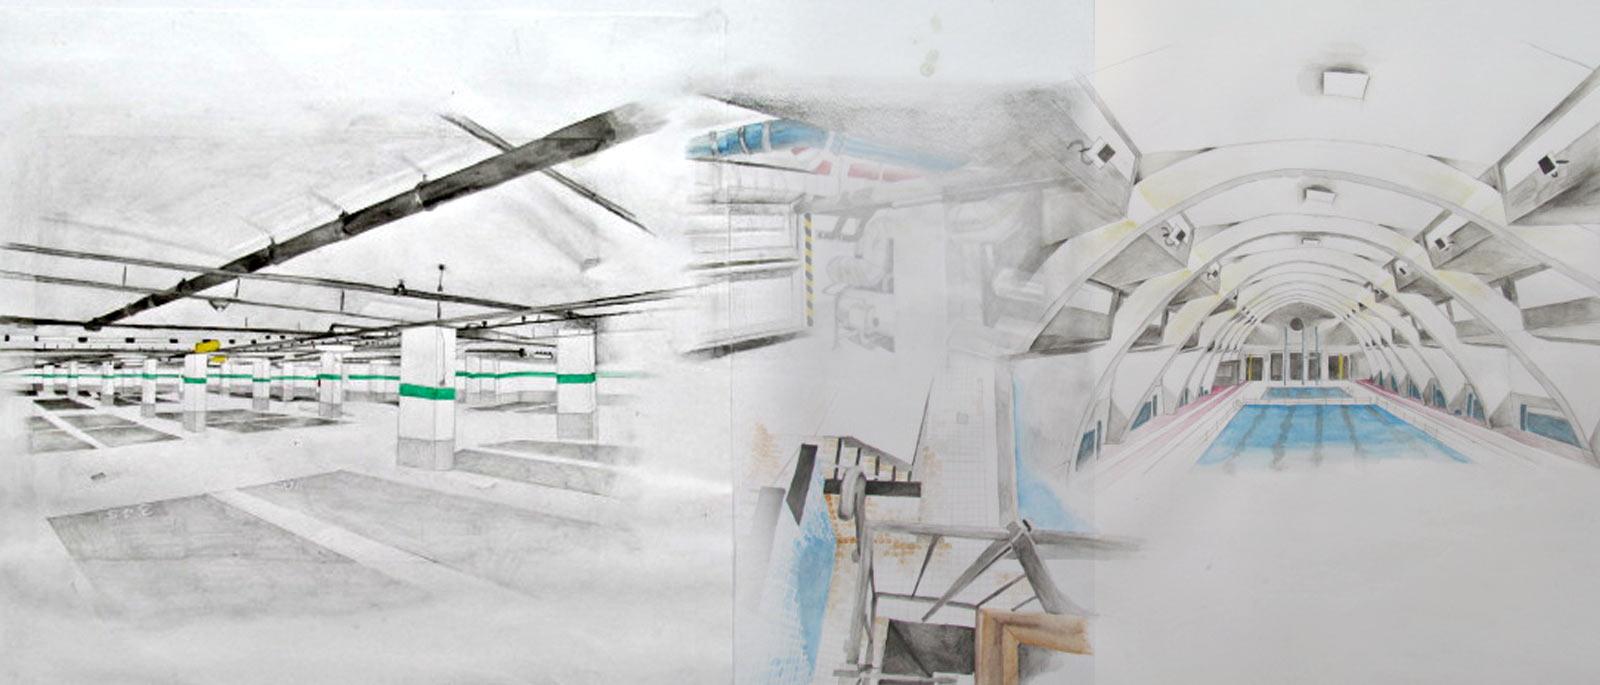 talentstudio_Architektur_Mappenkurs_Innenarchitektur